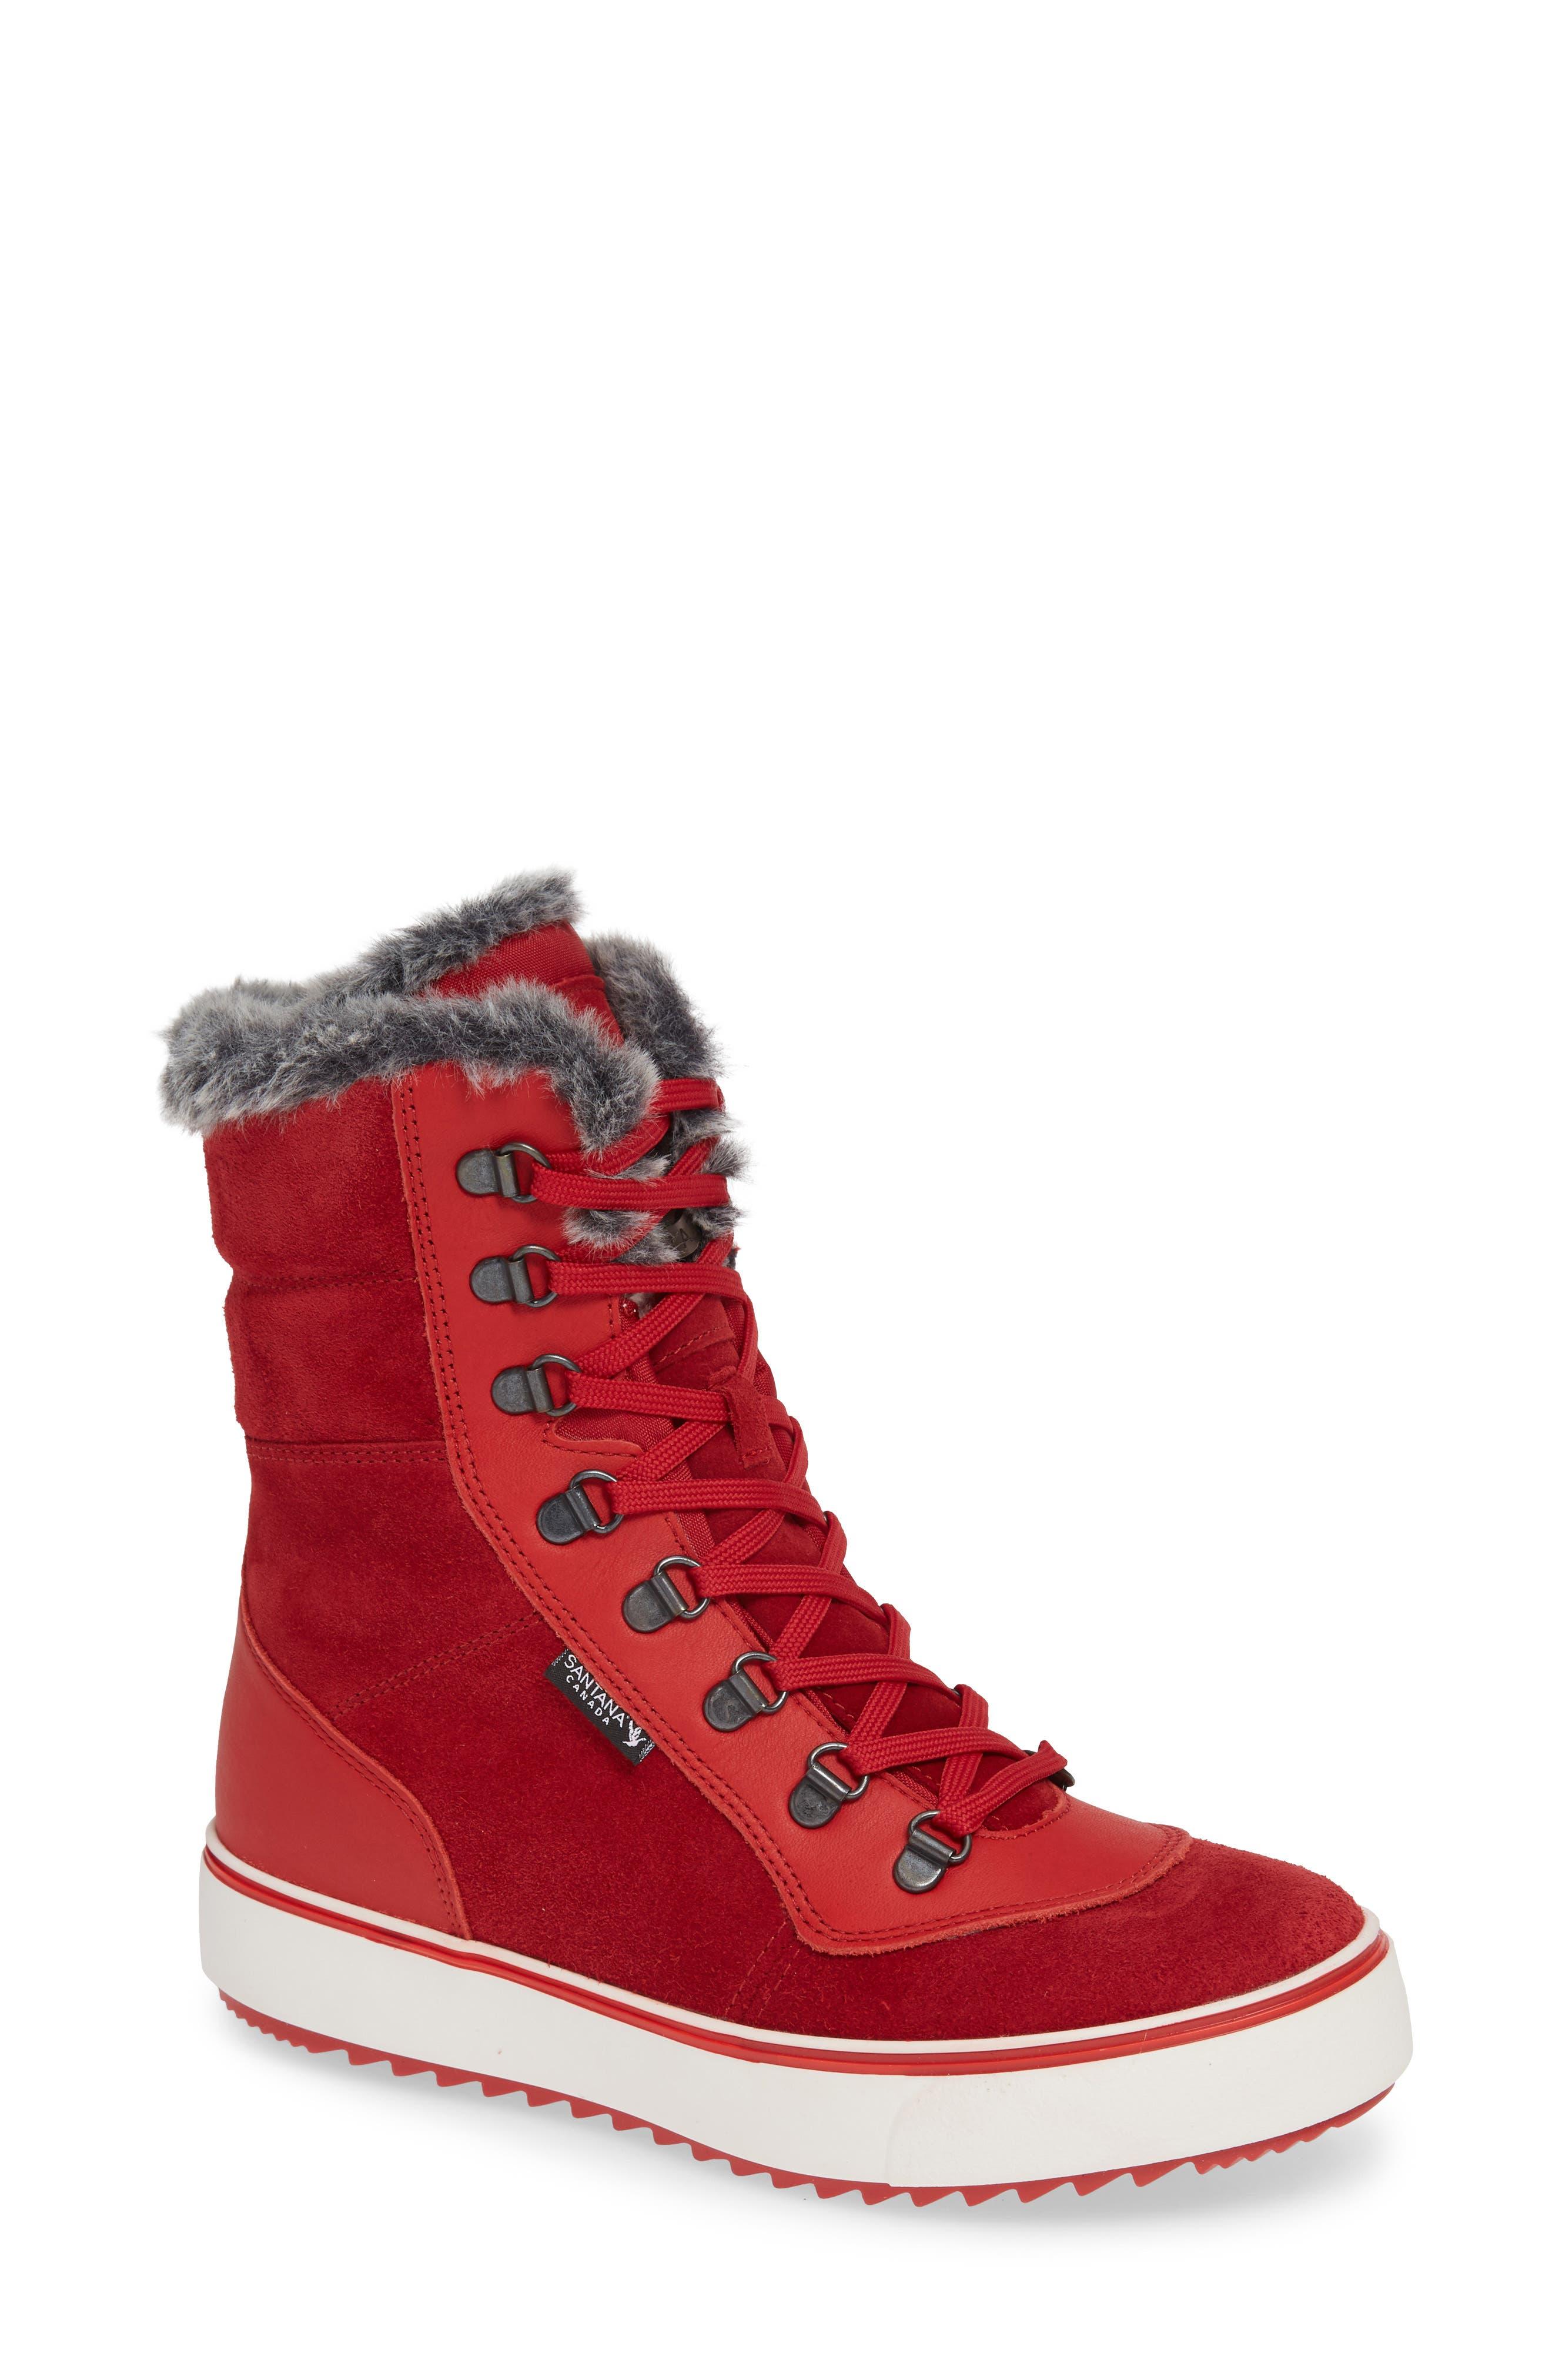 8c32847b3 Women s Santana Canada Boots